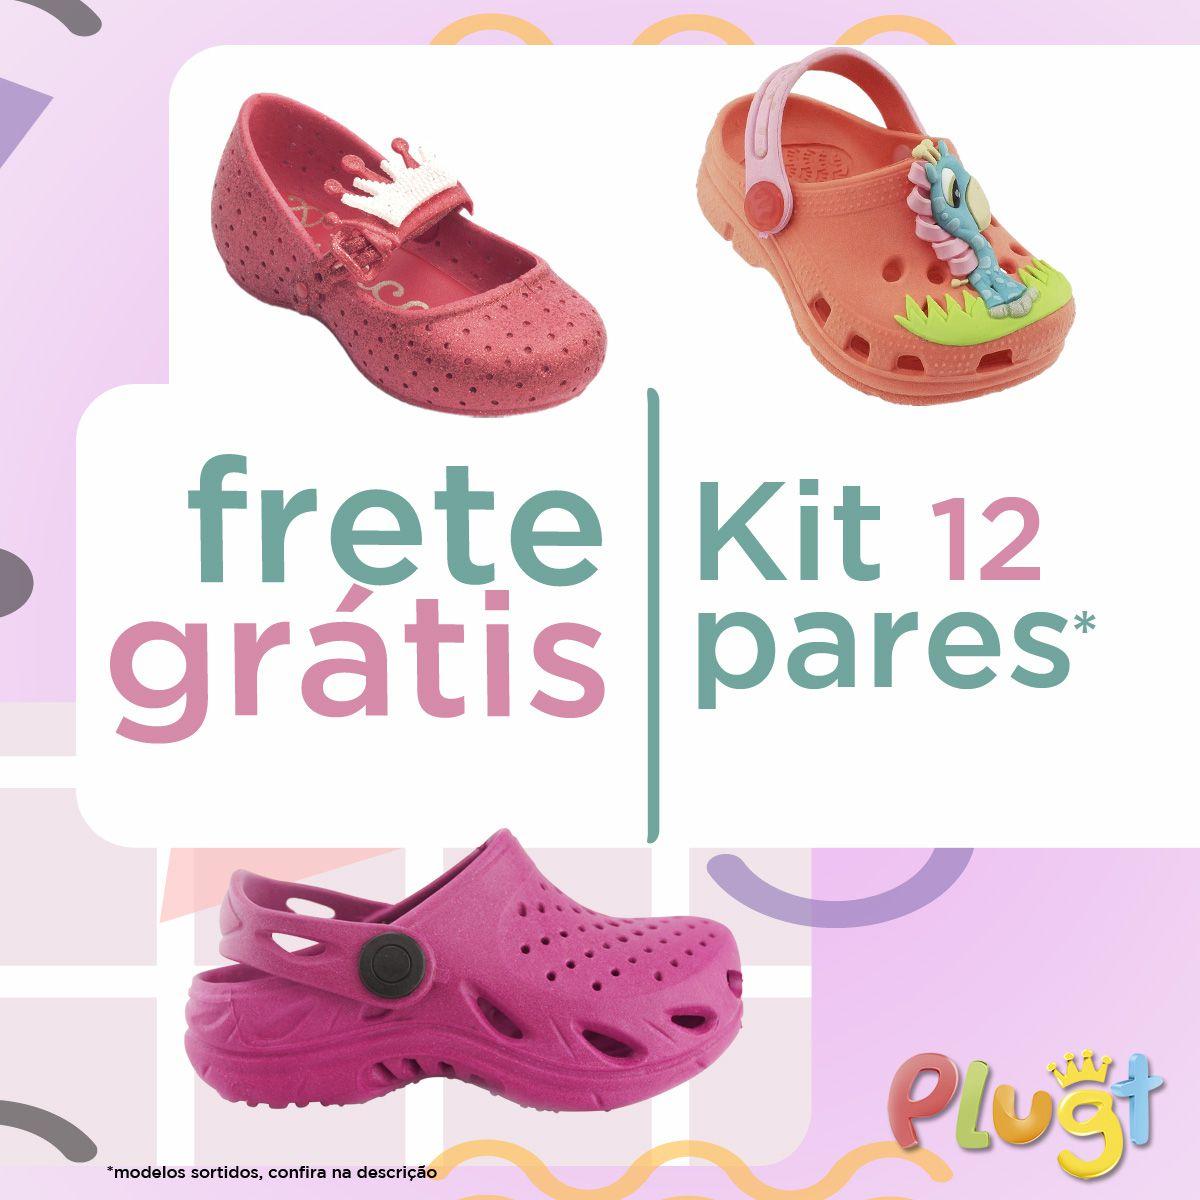 Kit Calçados Femininos - 12 Unidades - Frete Grátis